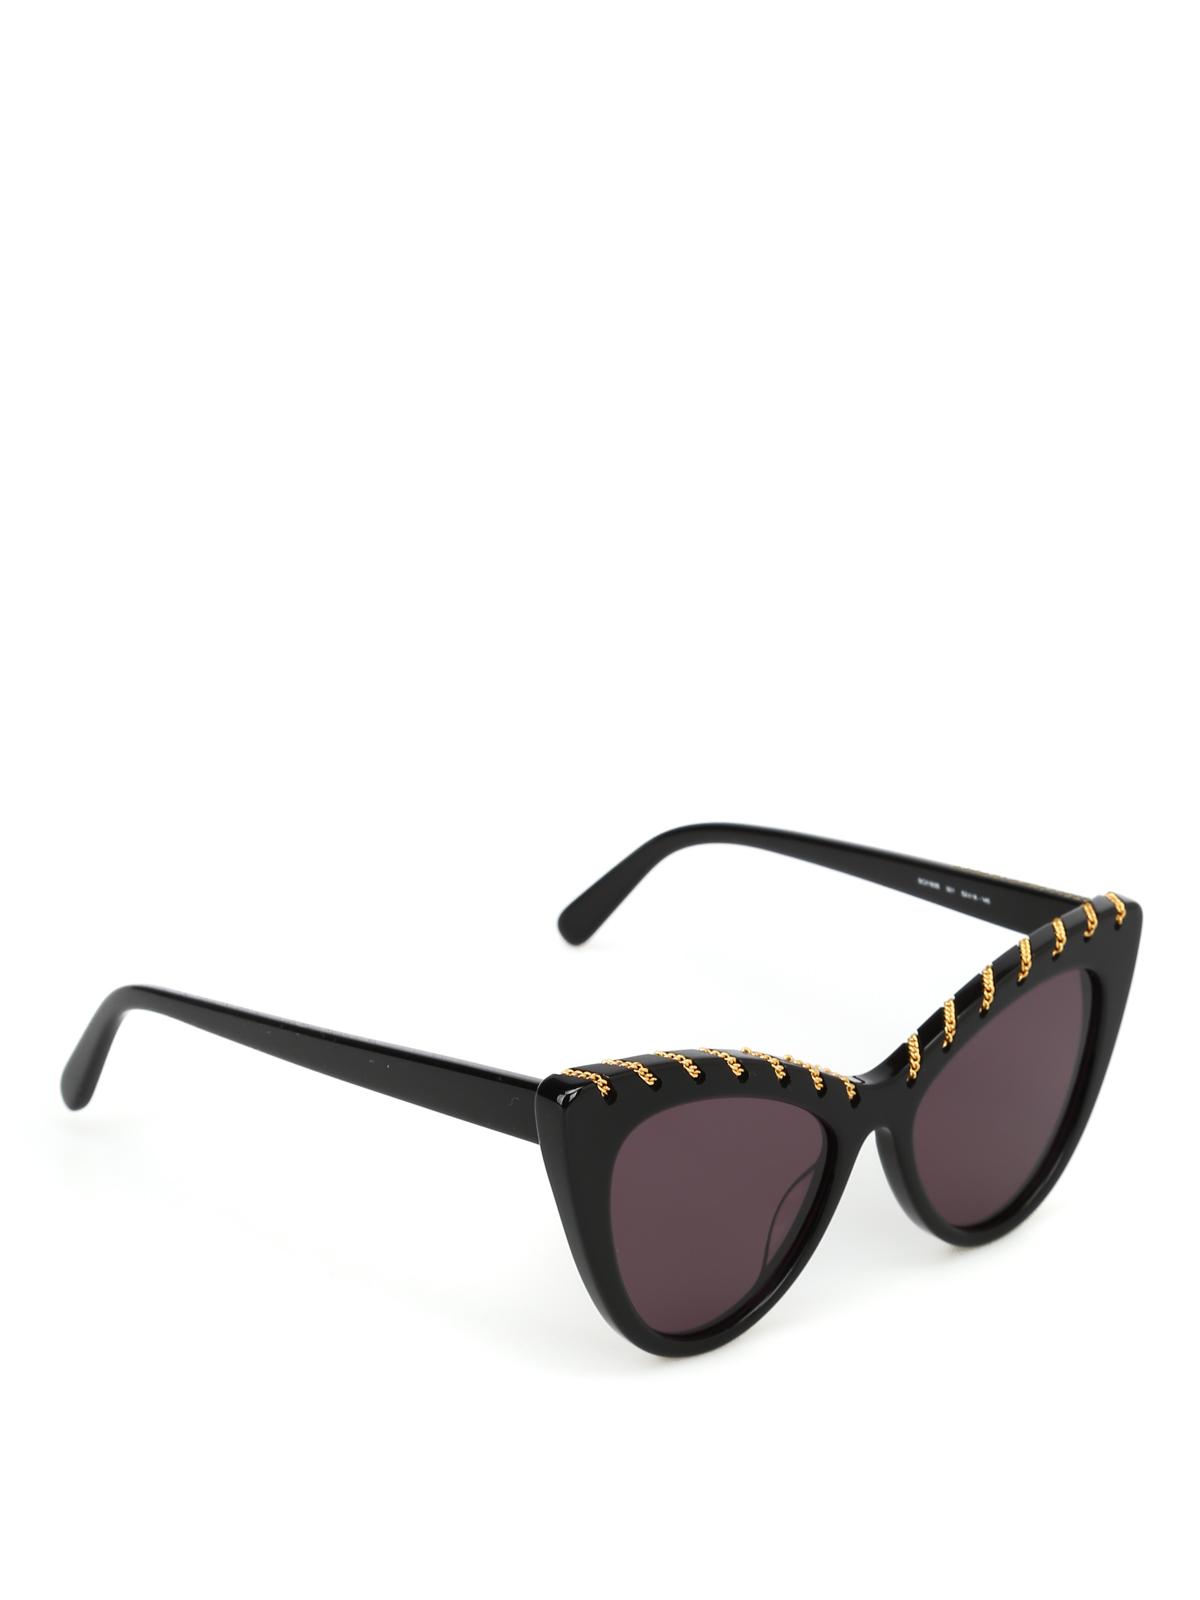 9f759868a6 Stella Mccartney - Gafas De Sol - Negro - Gafas de sol - SC0163S001